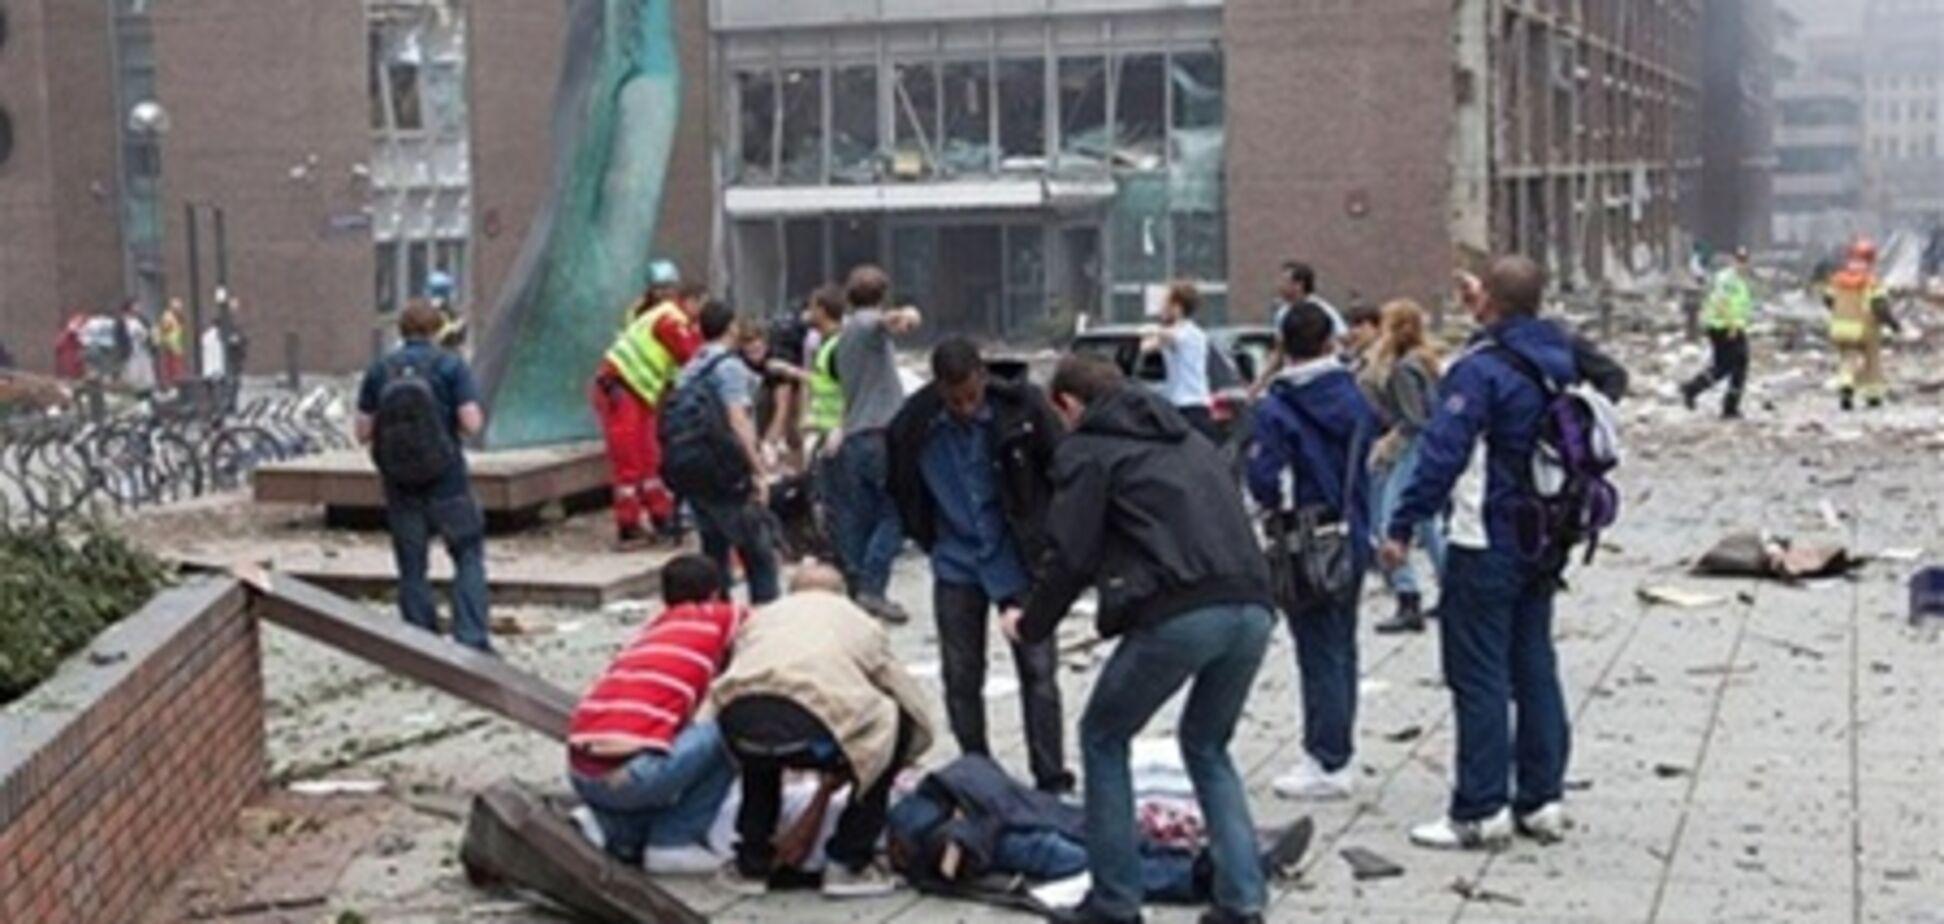 В Норвегии ищут человека, сравнивающего себя с Брейвиком